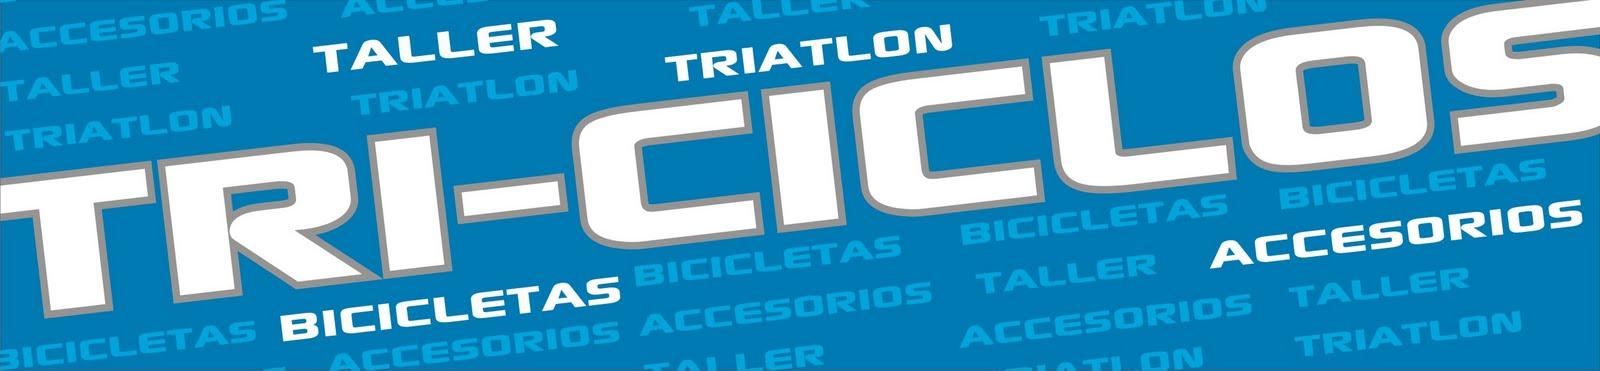 TRI-CICLOS